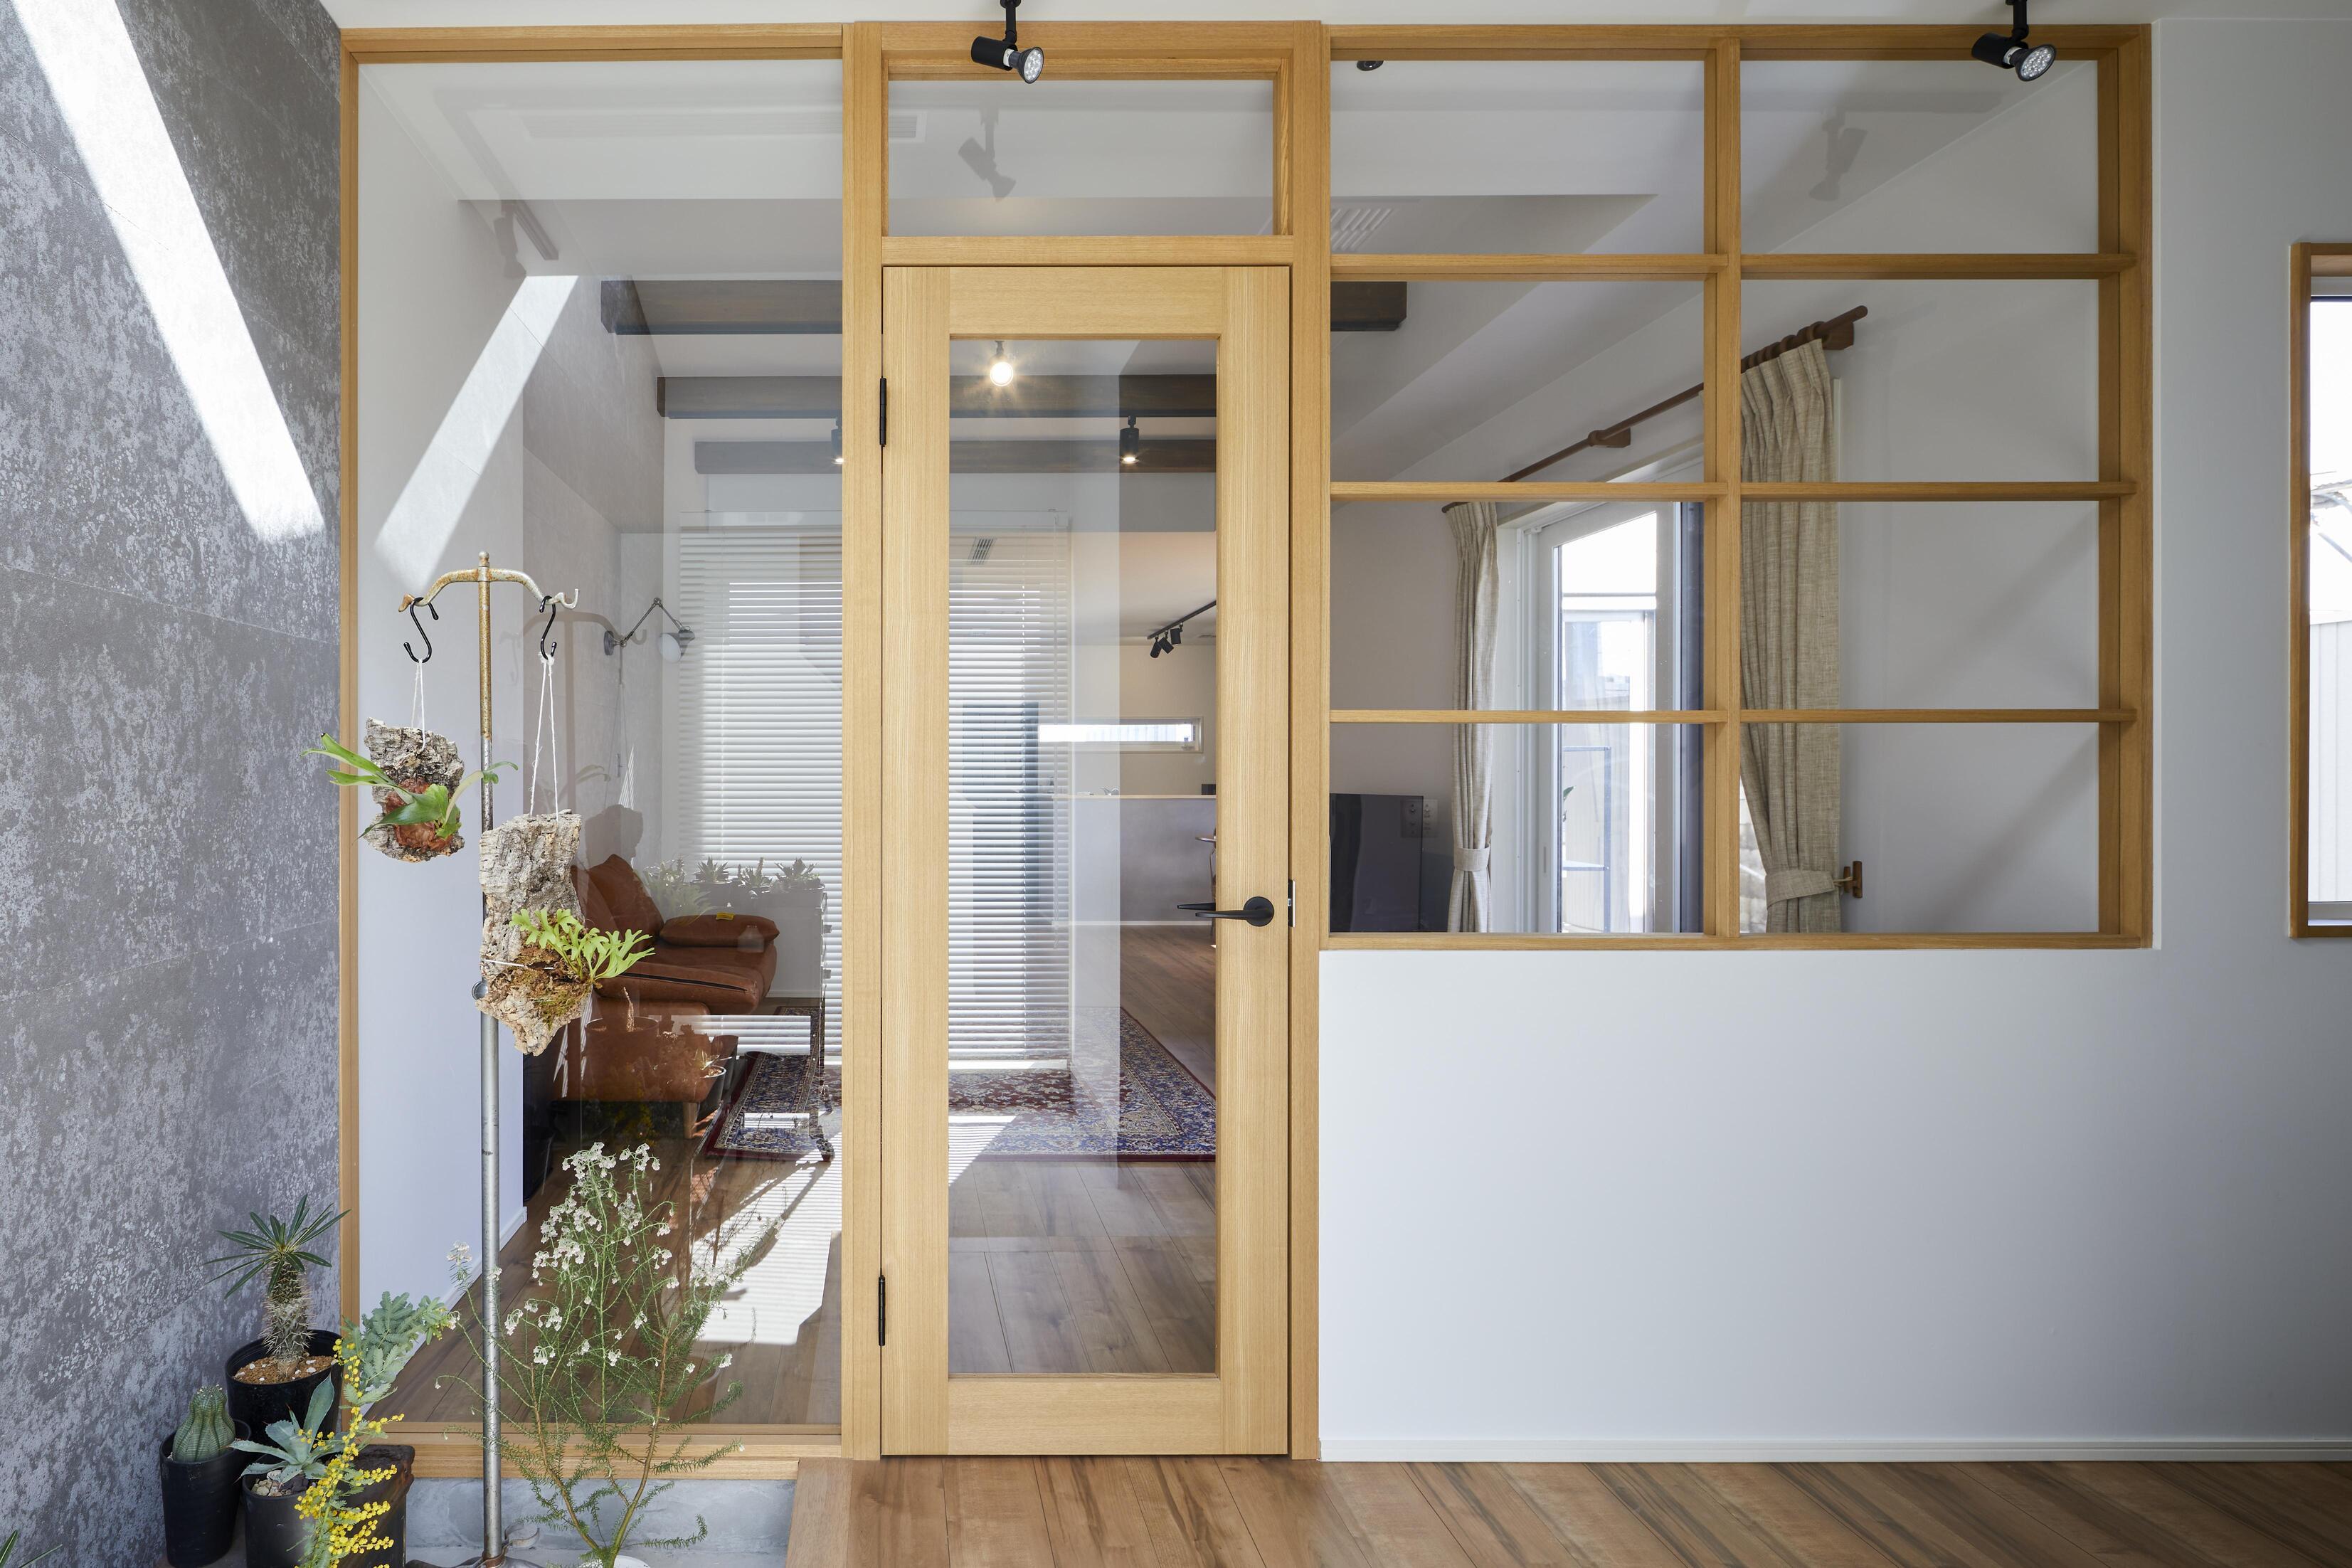 玄関とLDKの間仕切りには透明ガラスを採用。空間の広がりを感じられ、開放的な印象を受ける